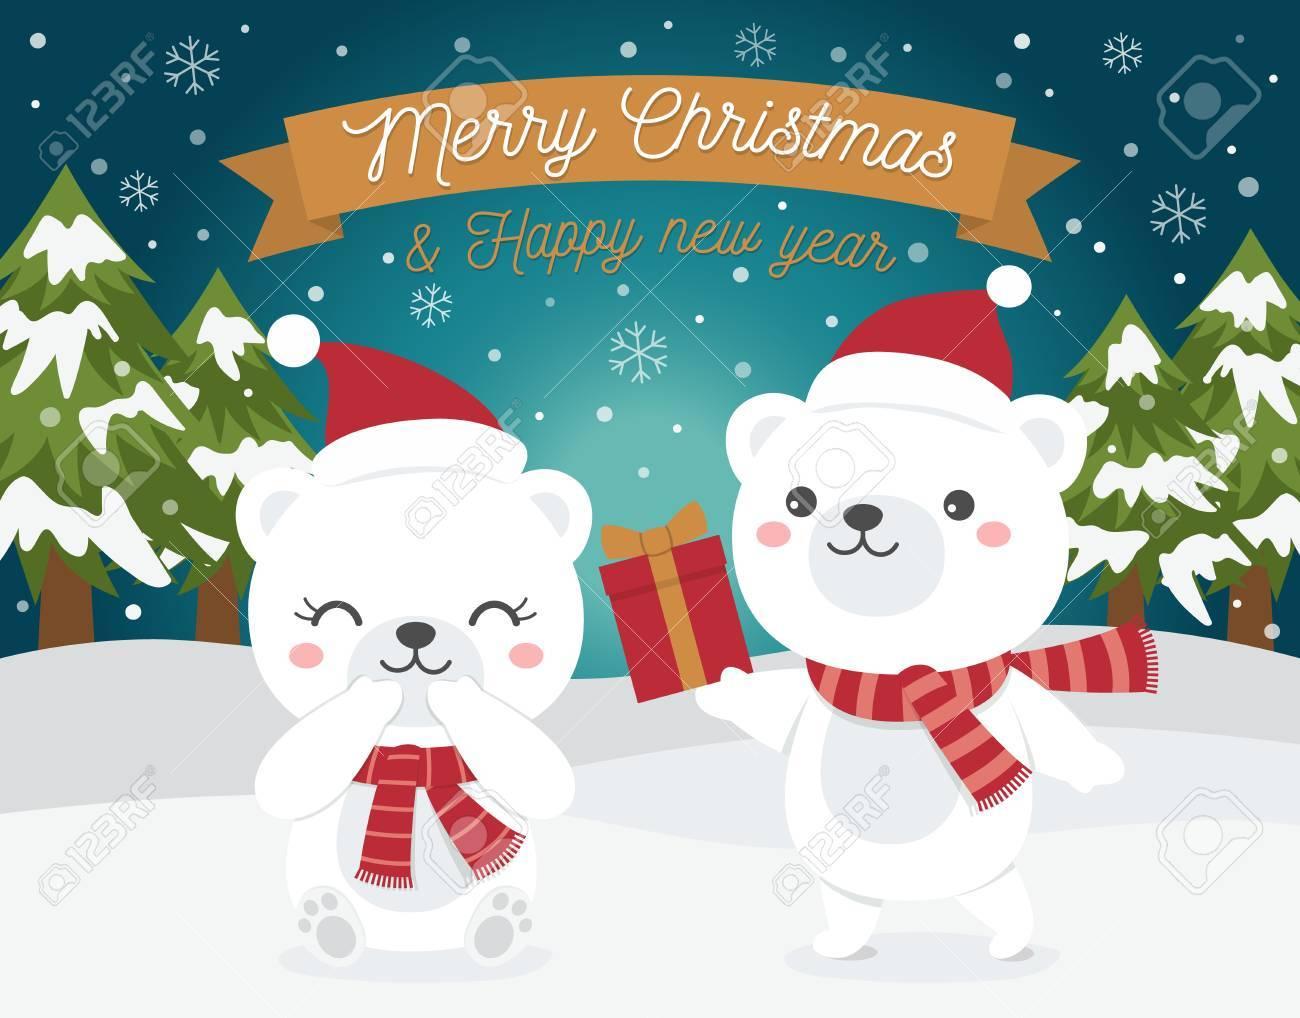 メリー クリスマスと新年あけましておめでとうございますカードの